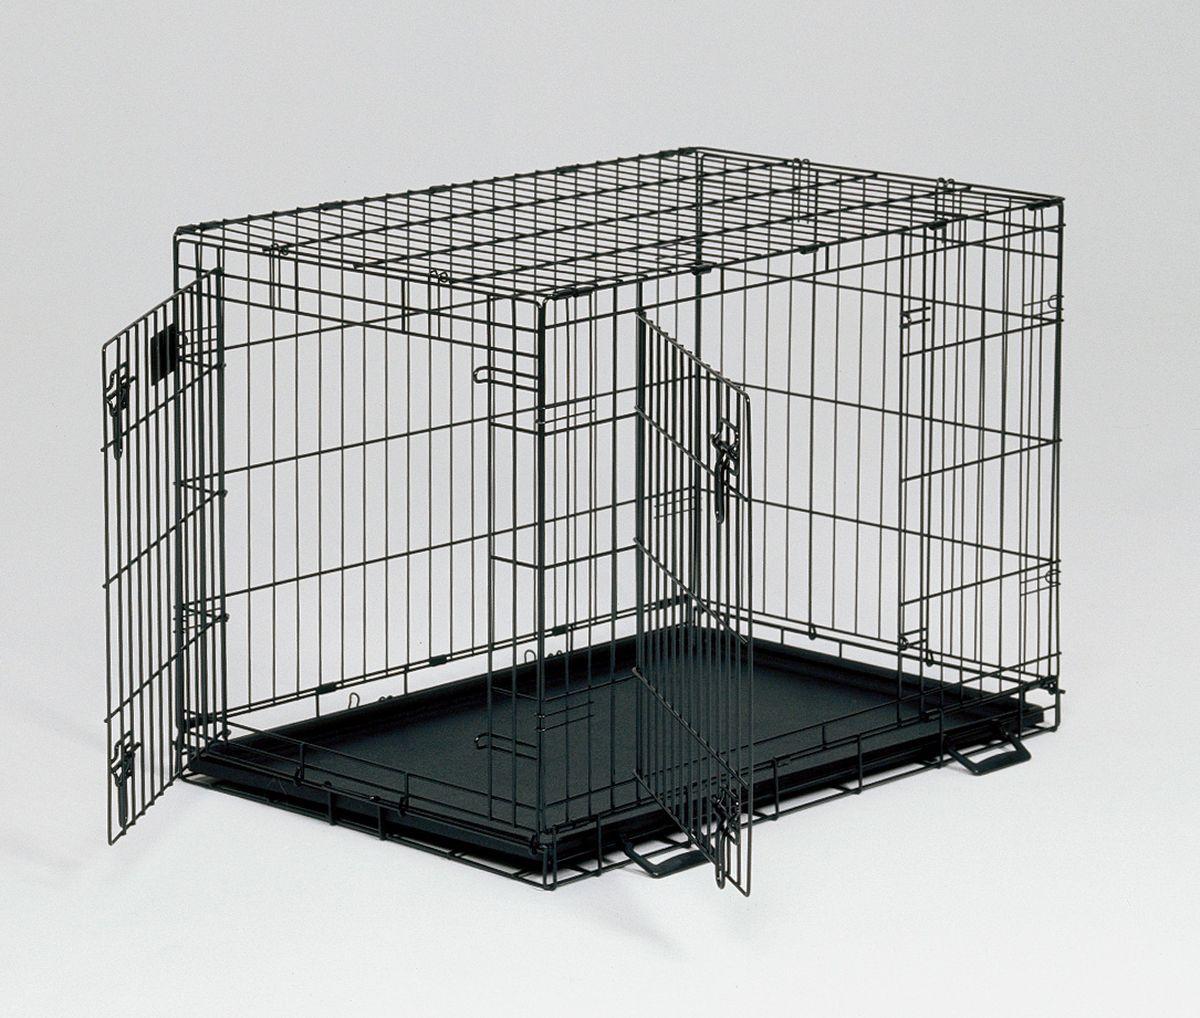 Клетка Midwest Life Stage, 2 двери, 107 x 71 x 79 см1642DDКлетка Midwest  Life Stag A.C.E. разработана специально для транспортировки средних и крупных собак. Закругленная угловая защита обеспечивает безопасность питомцам и людям. Клетка из нержавеющей стали оснащена: - двумя надежными дверками; - безопасным двойным замком (задвижка закрывает и снаружи и внутри); - прочным пластиковым поддоном, который не повреждает поверхность, на которой размещается; - разделяющей панелью, обеспечивающей создание универсальных отсеков; - качественными ручками для переноски питомца. Размер клетки (ДхШхВ): 107 x 71 x 79 см. Вес конструкции: 20,5 кг. Товар сертифицирован.